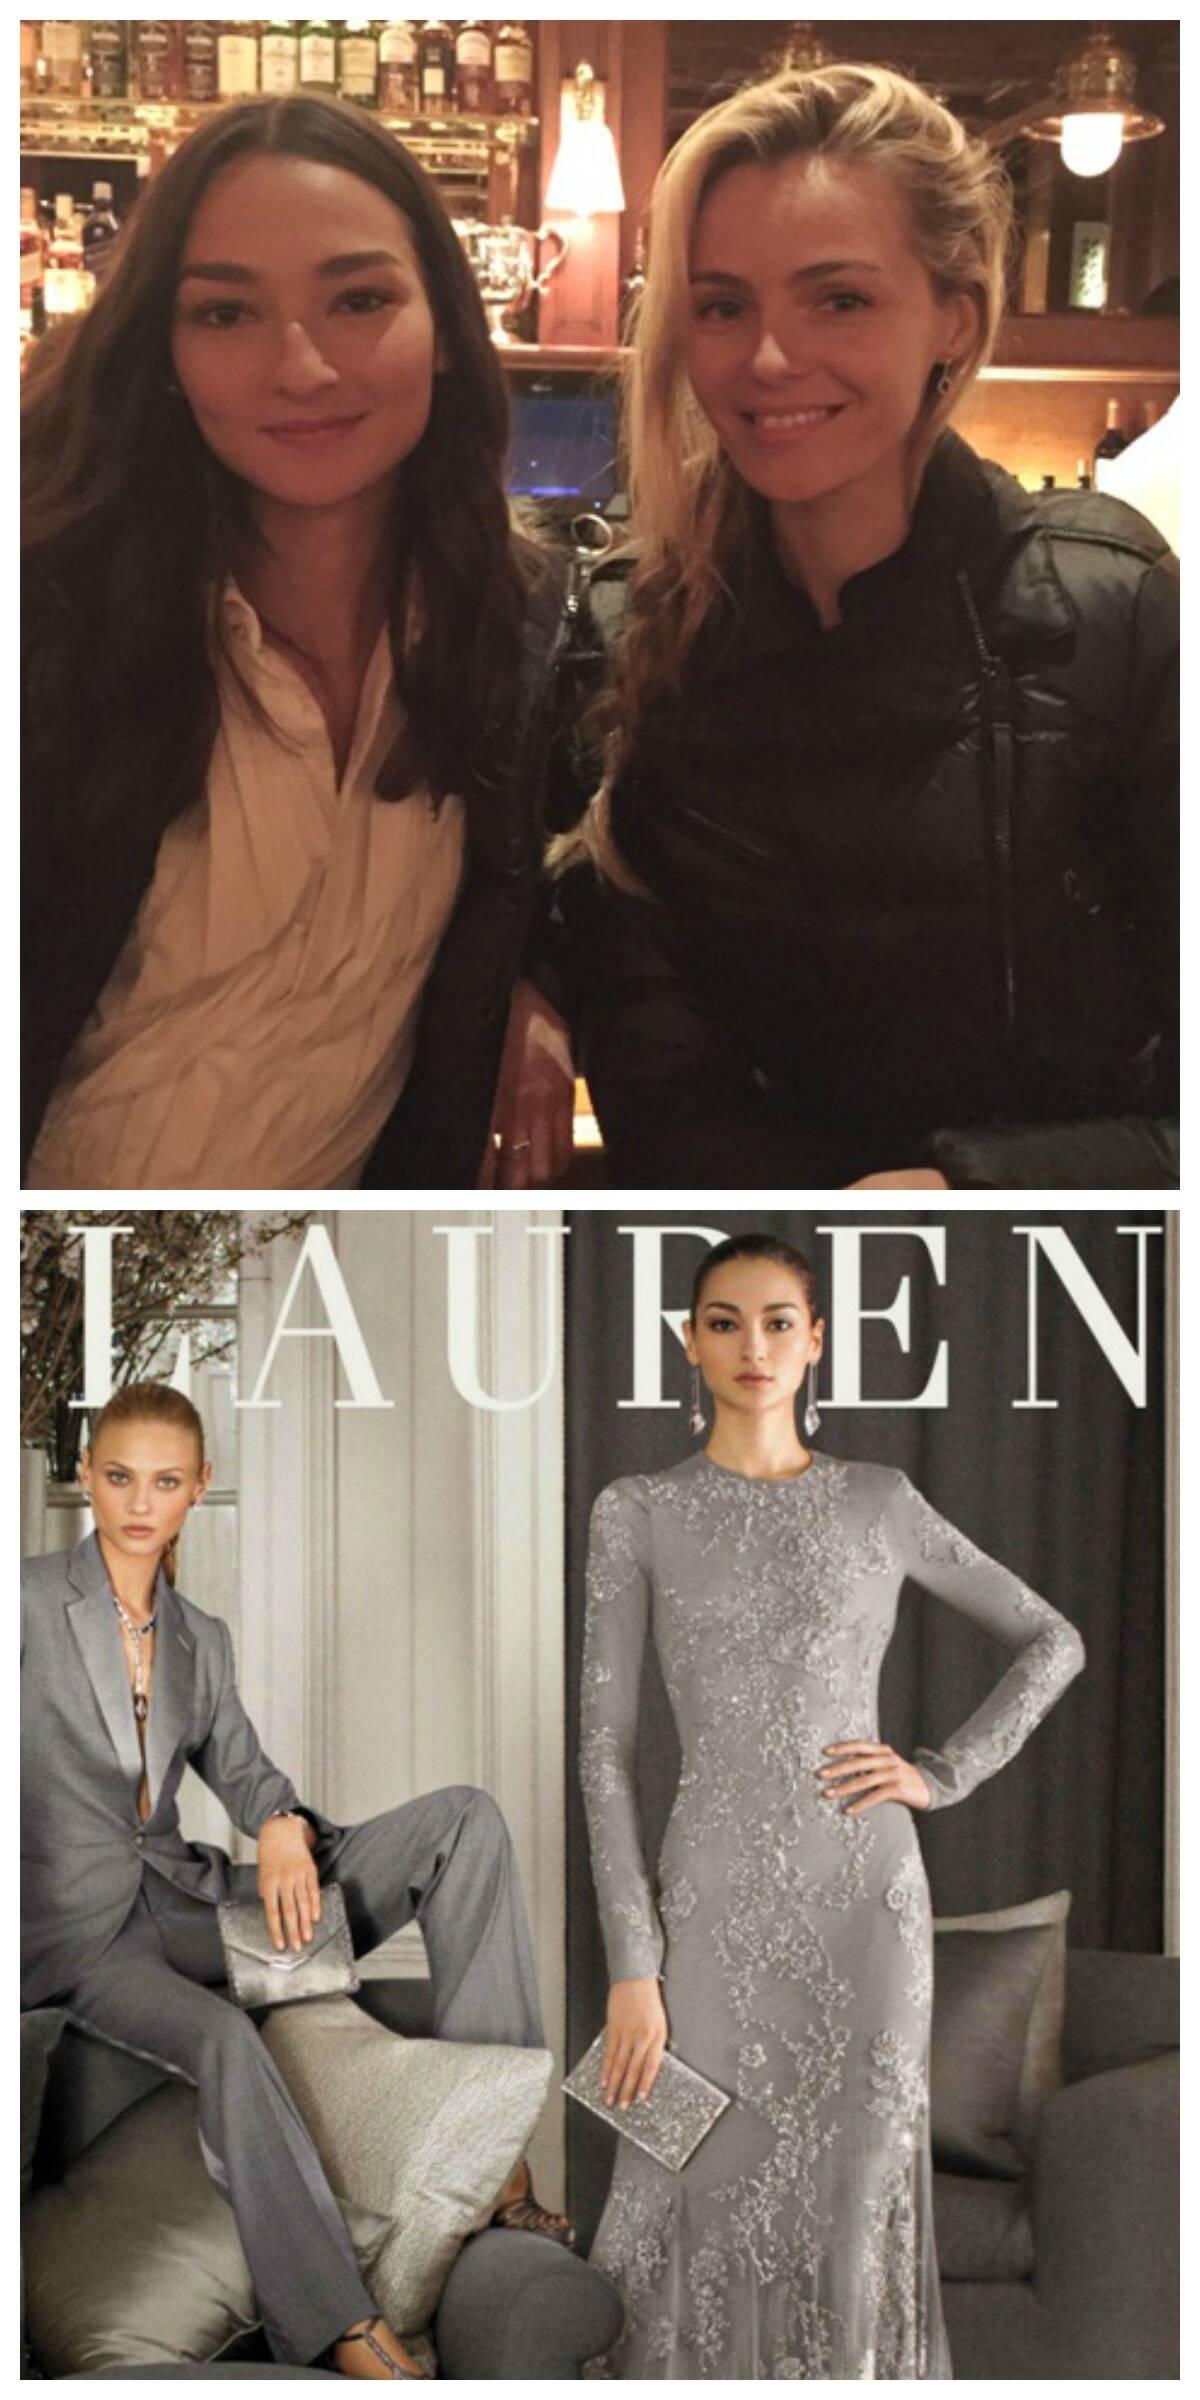 No alto, Bruna Tenório e a modelo russa Valentina Zelyaeva, na inauguração do restaurante Ralph Lauren; abaixo, a modelo brasileira na mais recente campanha da marca, à direita / Fotos: divulgação